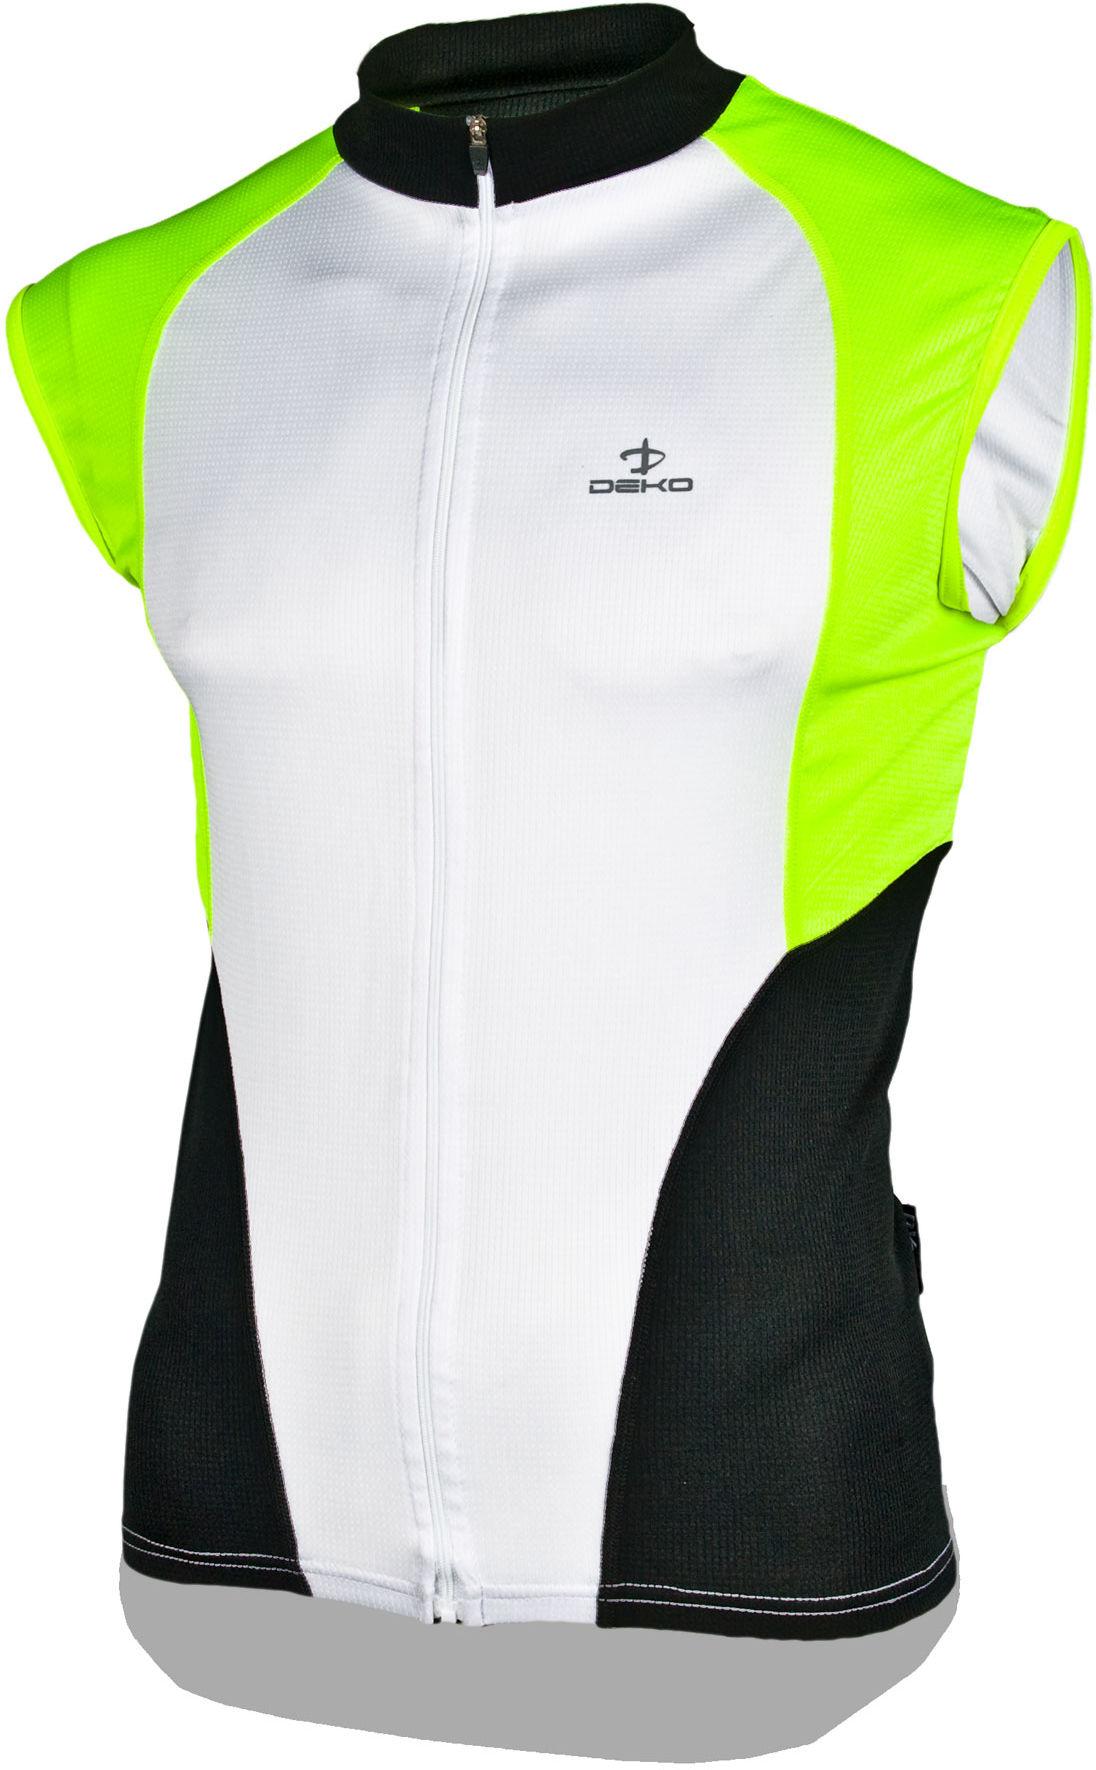 DEKO HAITI II męska koszulka rowerowa bez rękawków, biało-fluor Rozmiar: L,deko-haiti-2-fluo